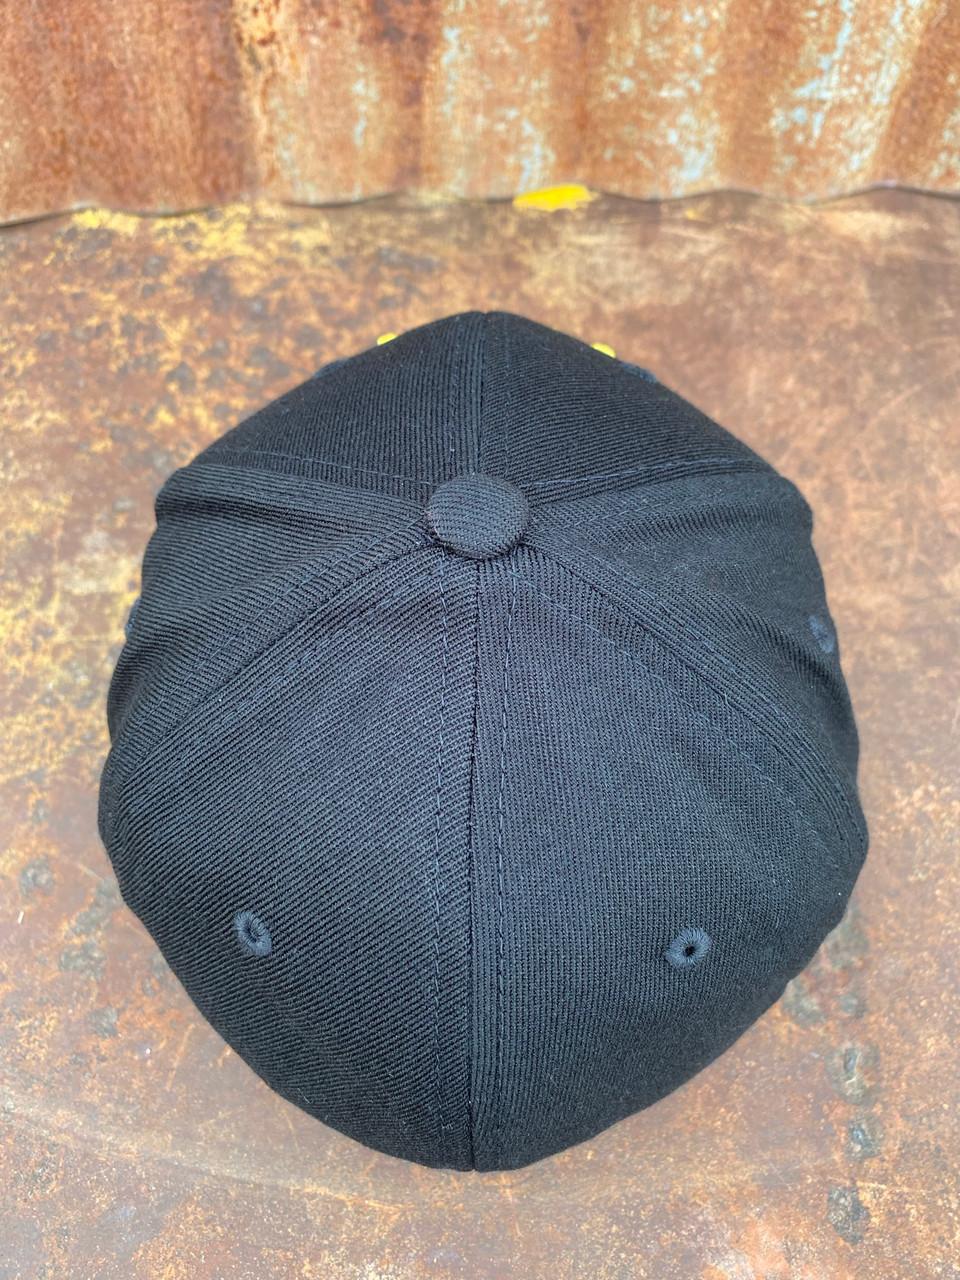 Top/Back View Flex Fit S/M